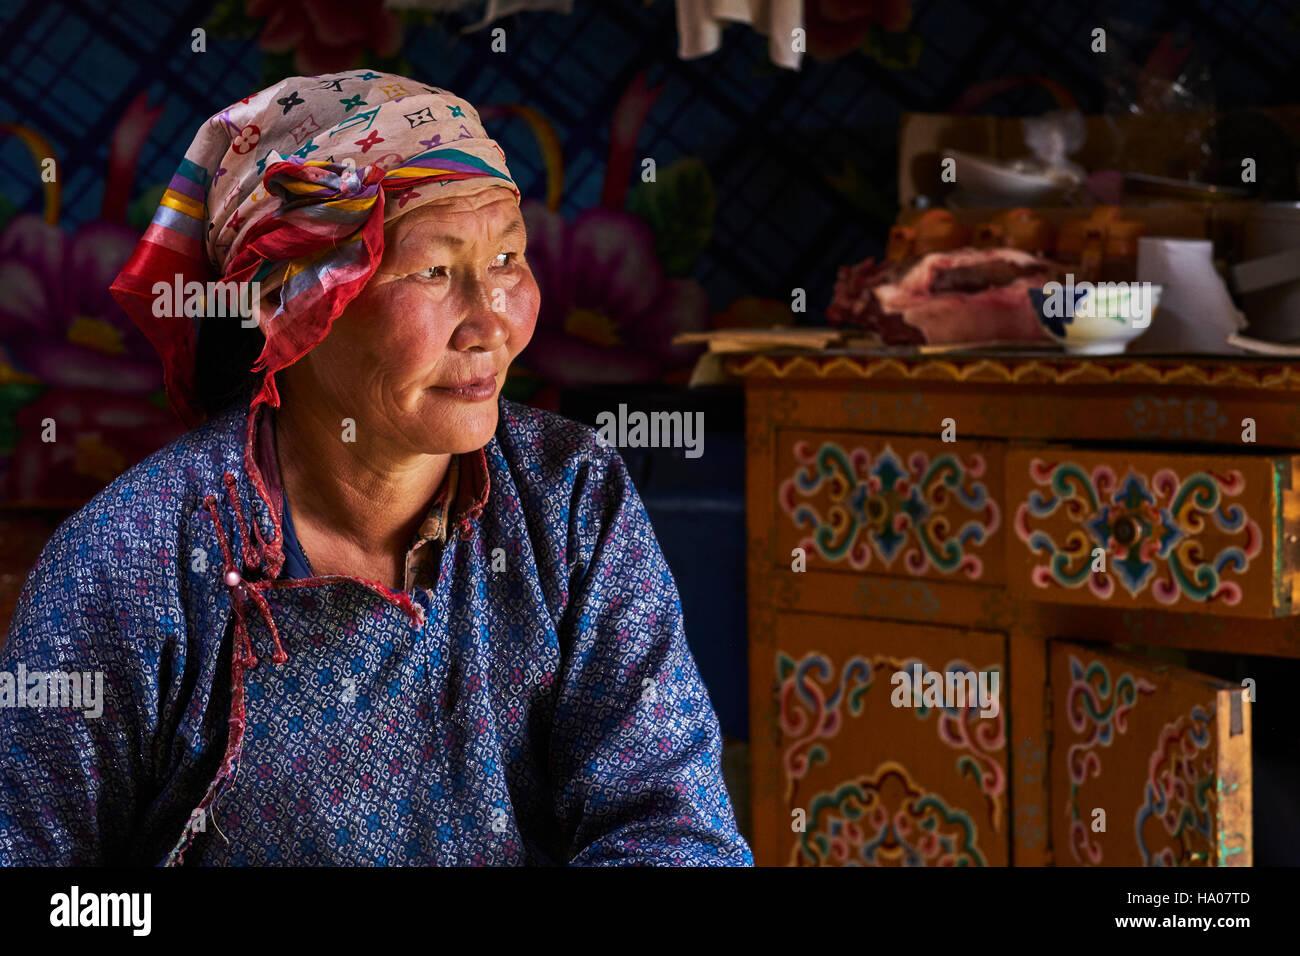 La Mongolie, province Arkhangai, femme nomade dans la yourte Photo Stock